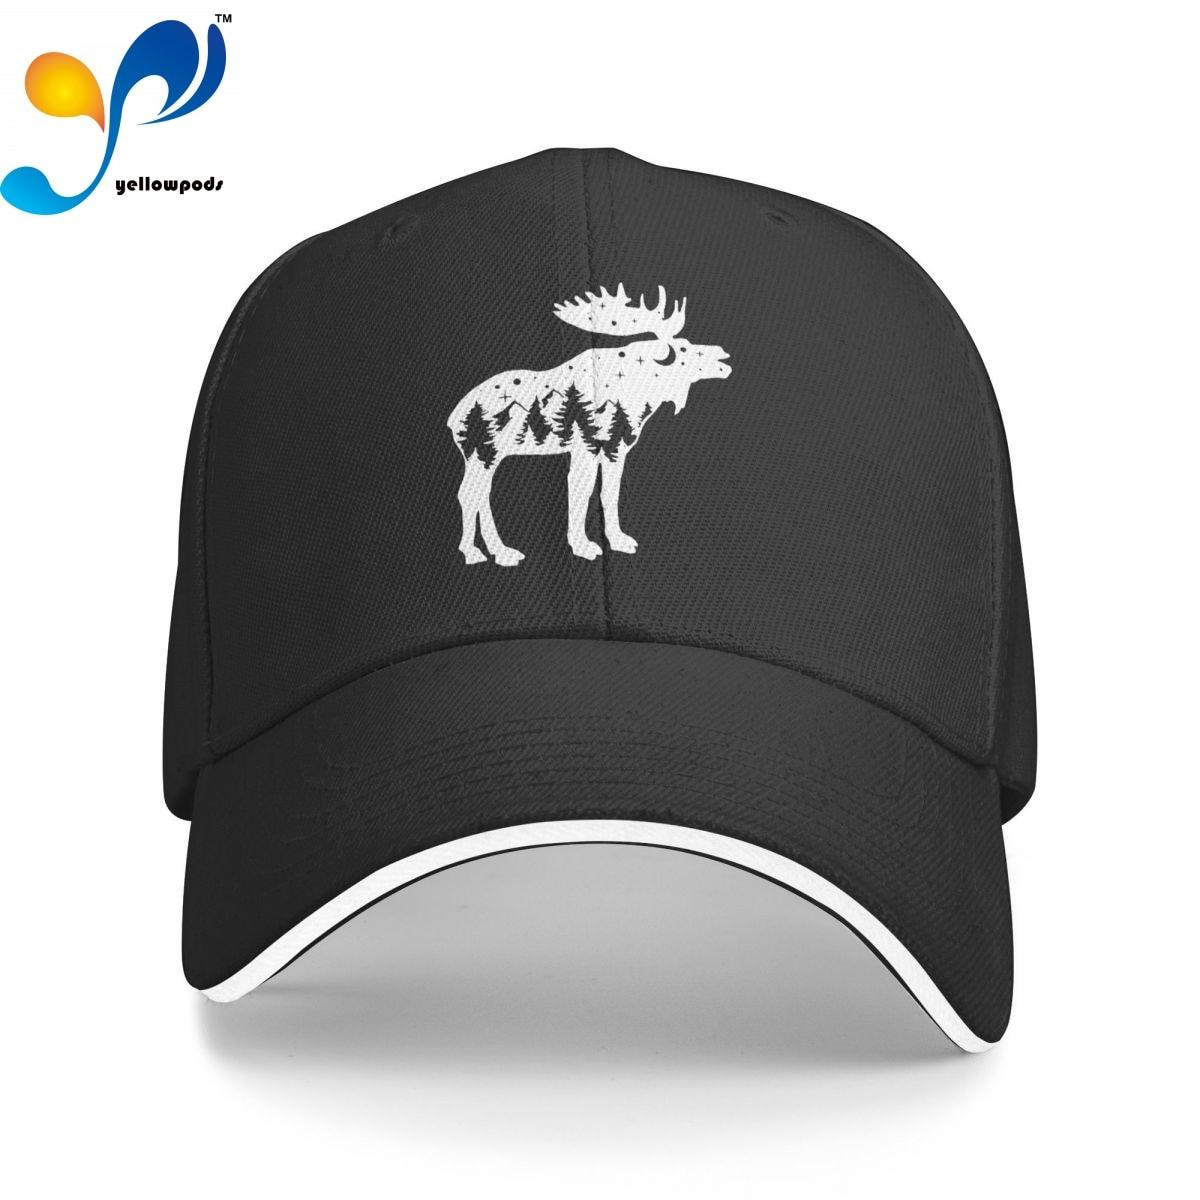 Бейсболка с изображением лесного оленя, Кепка-бейсболка для мужчин, мужские шапки с Бейсбольным клапаном, кепки с логотипом